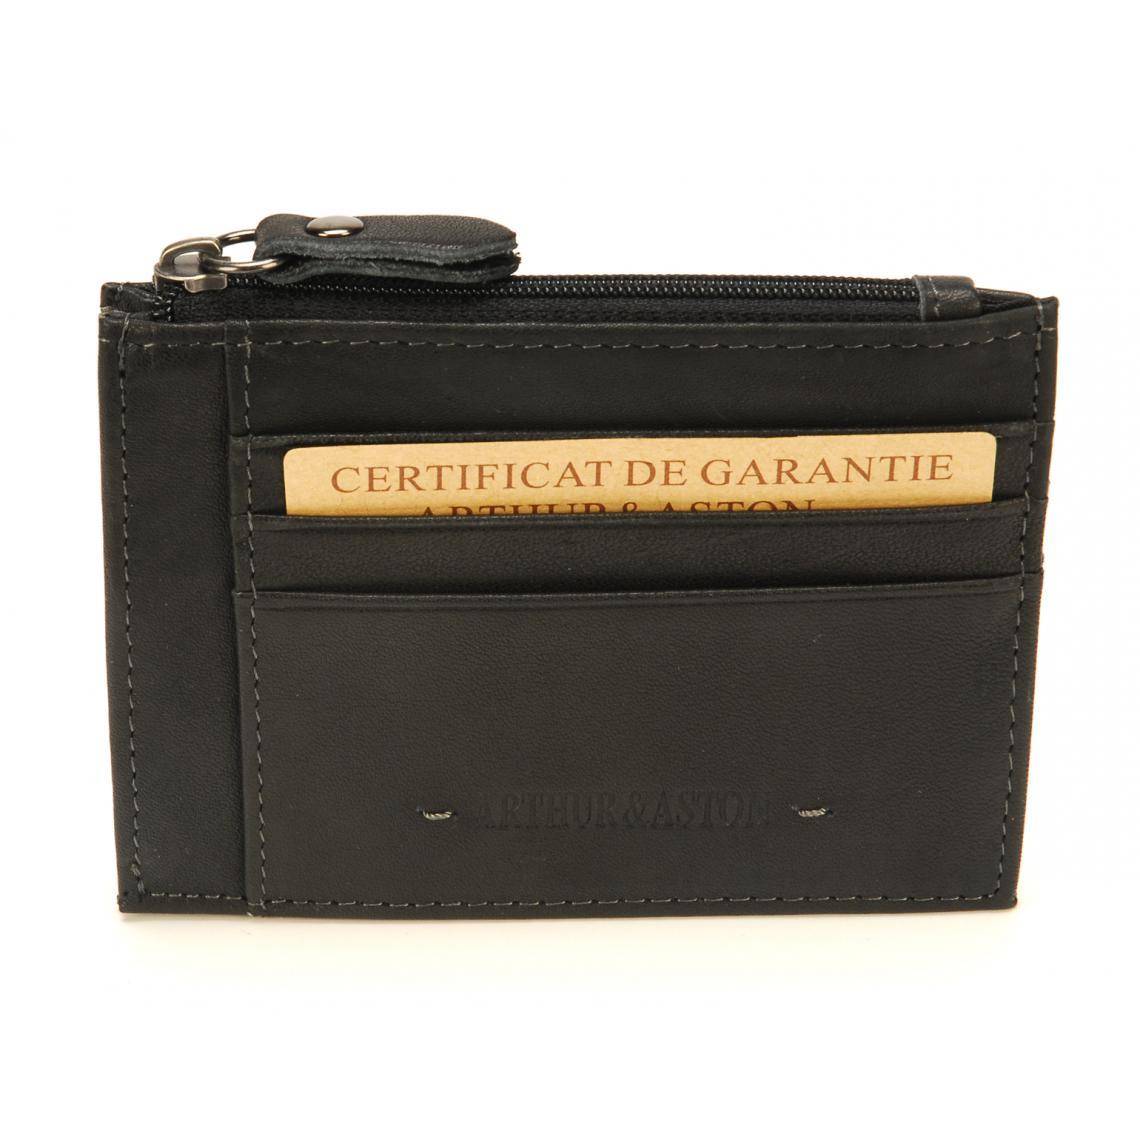 Porte-monnaie et carte cuir noir - 3 suisses - Modalova